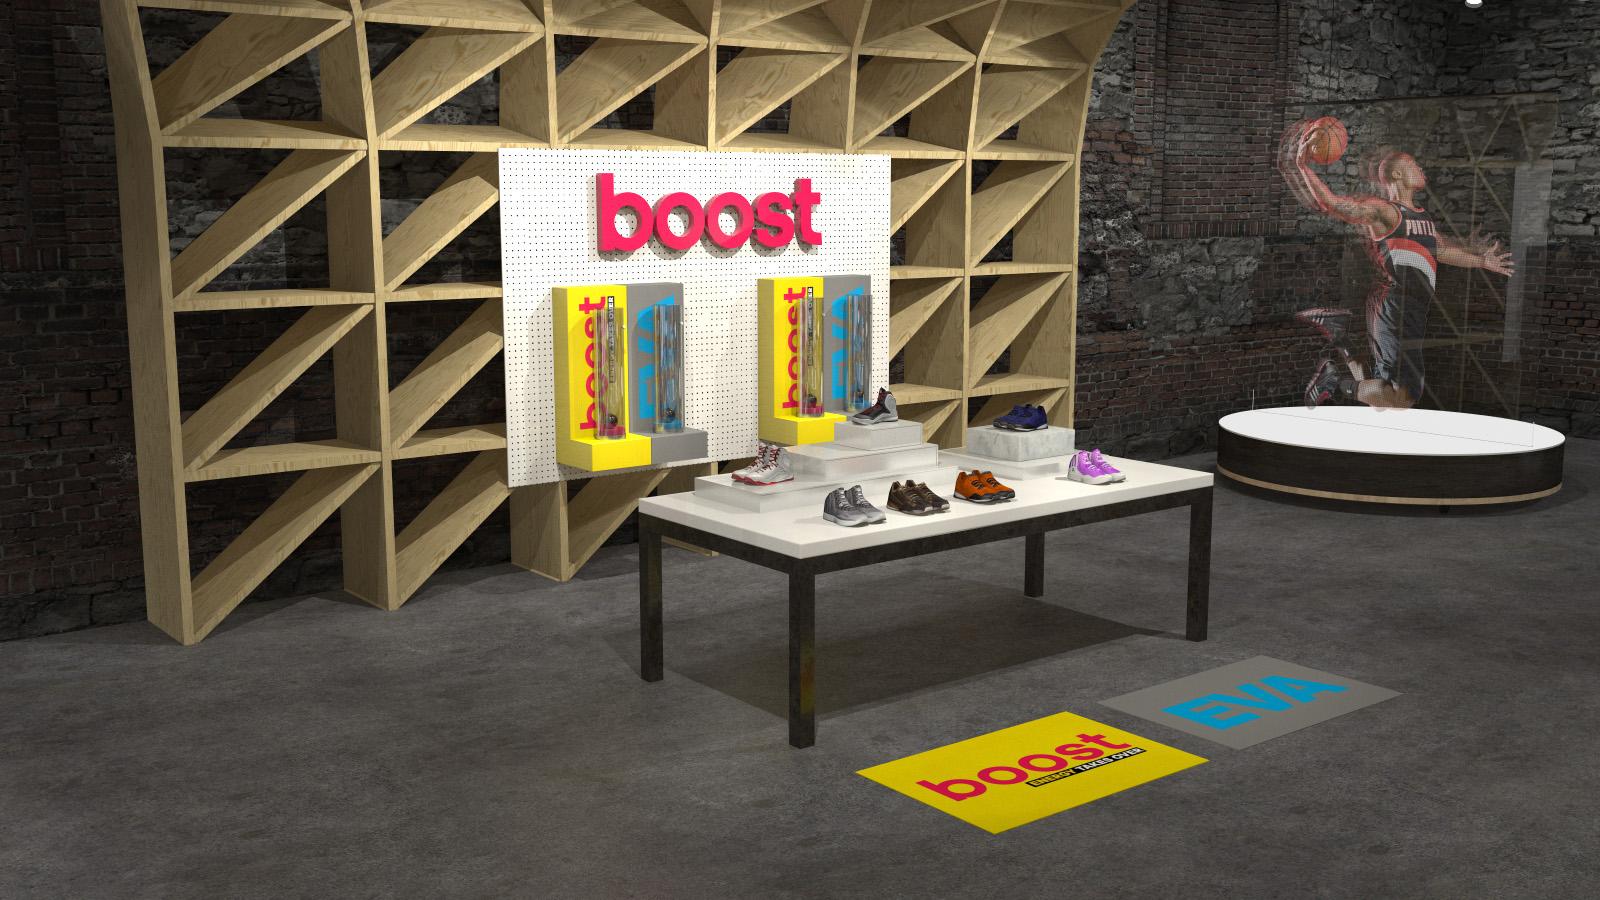 Ryan_Bubion_Adidas_Retail_Design_08